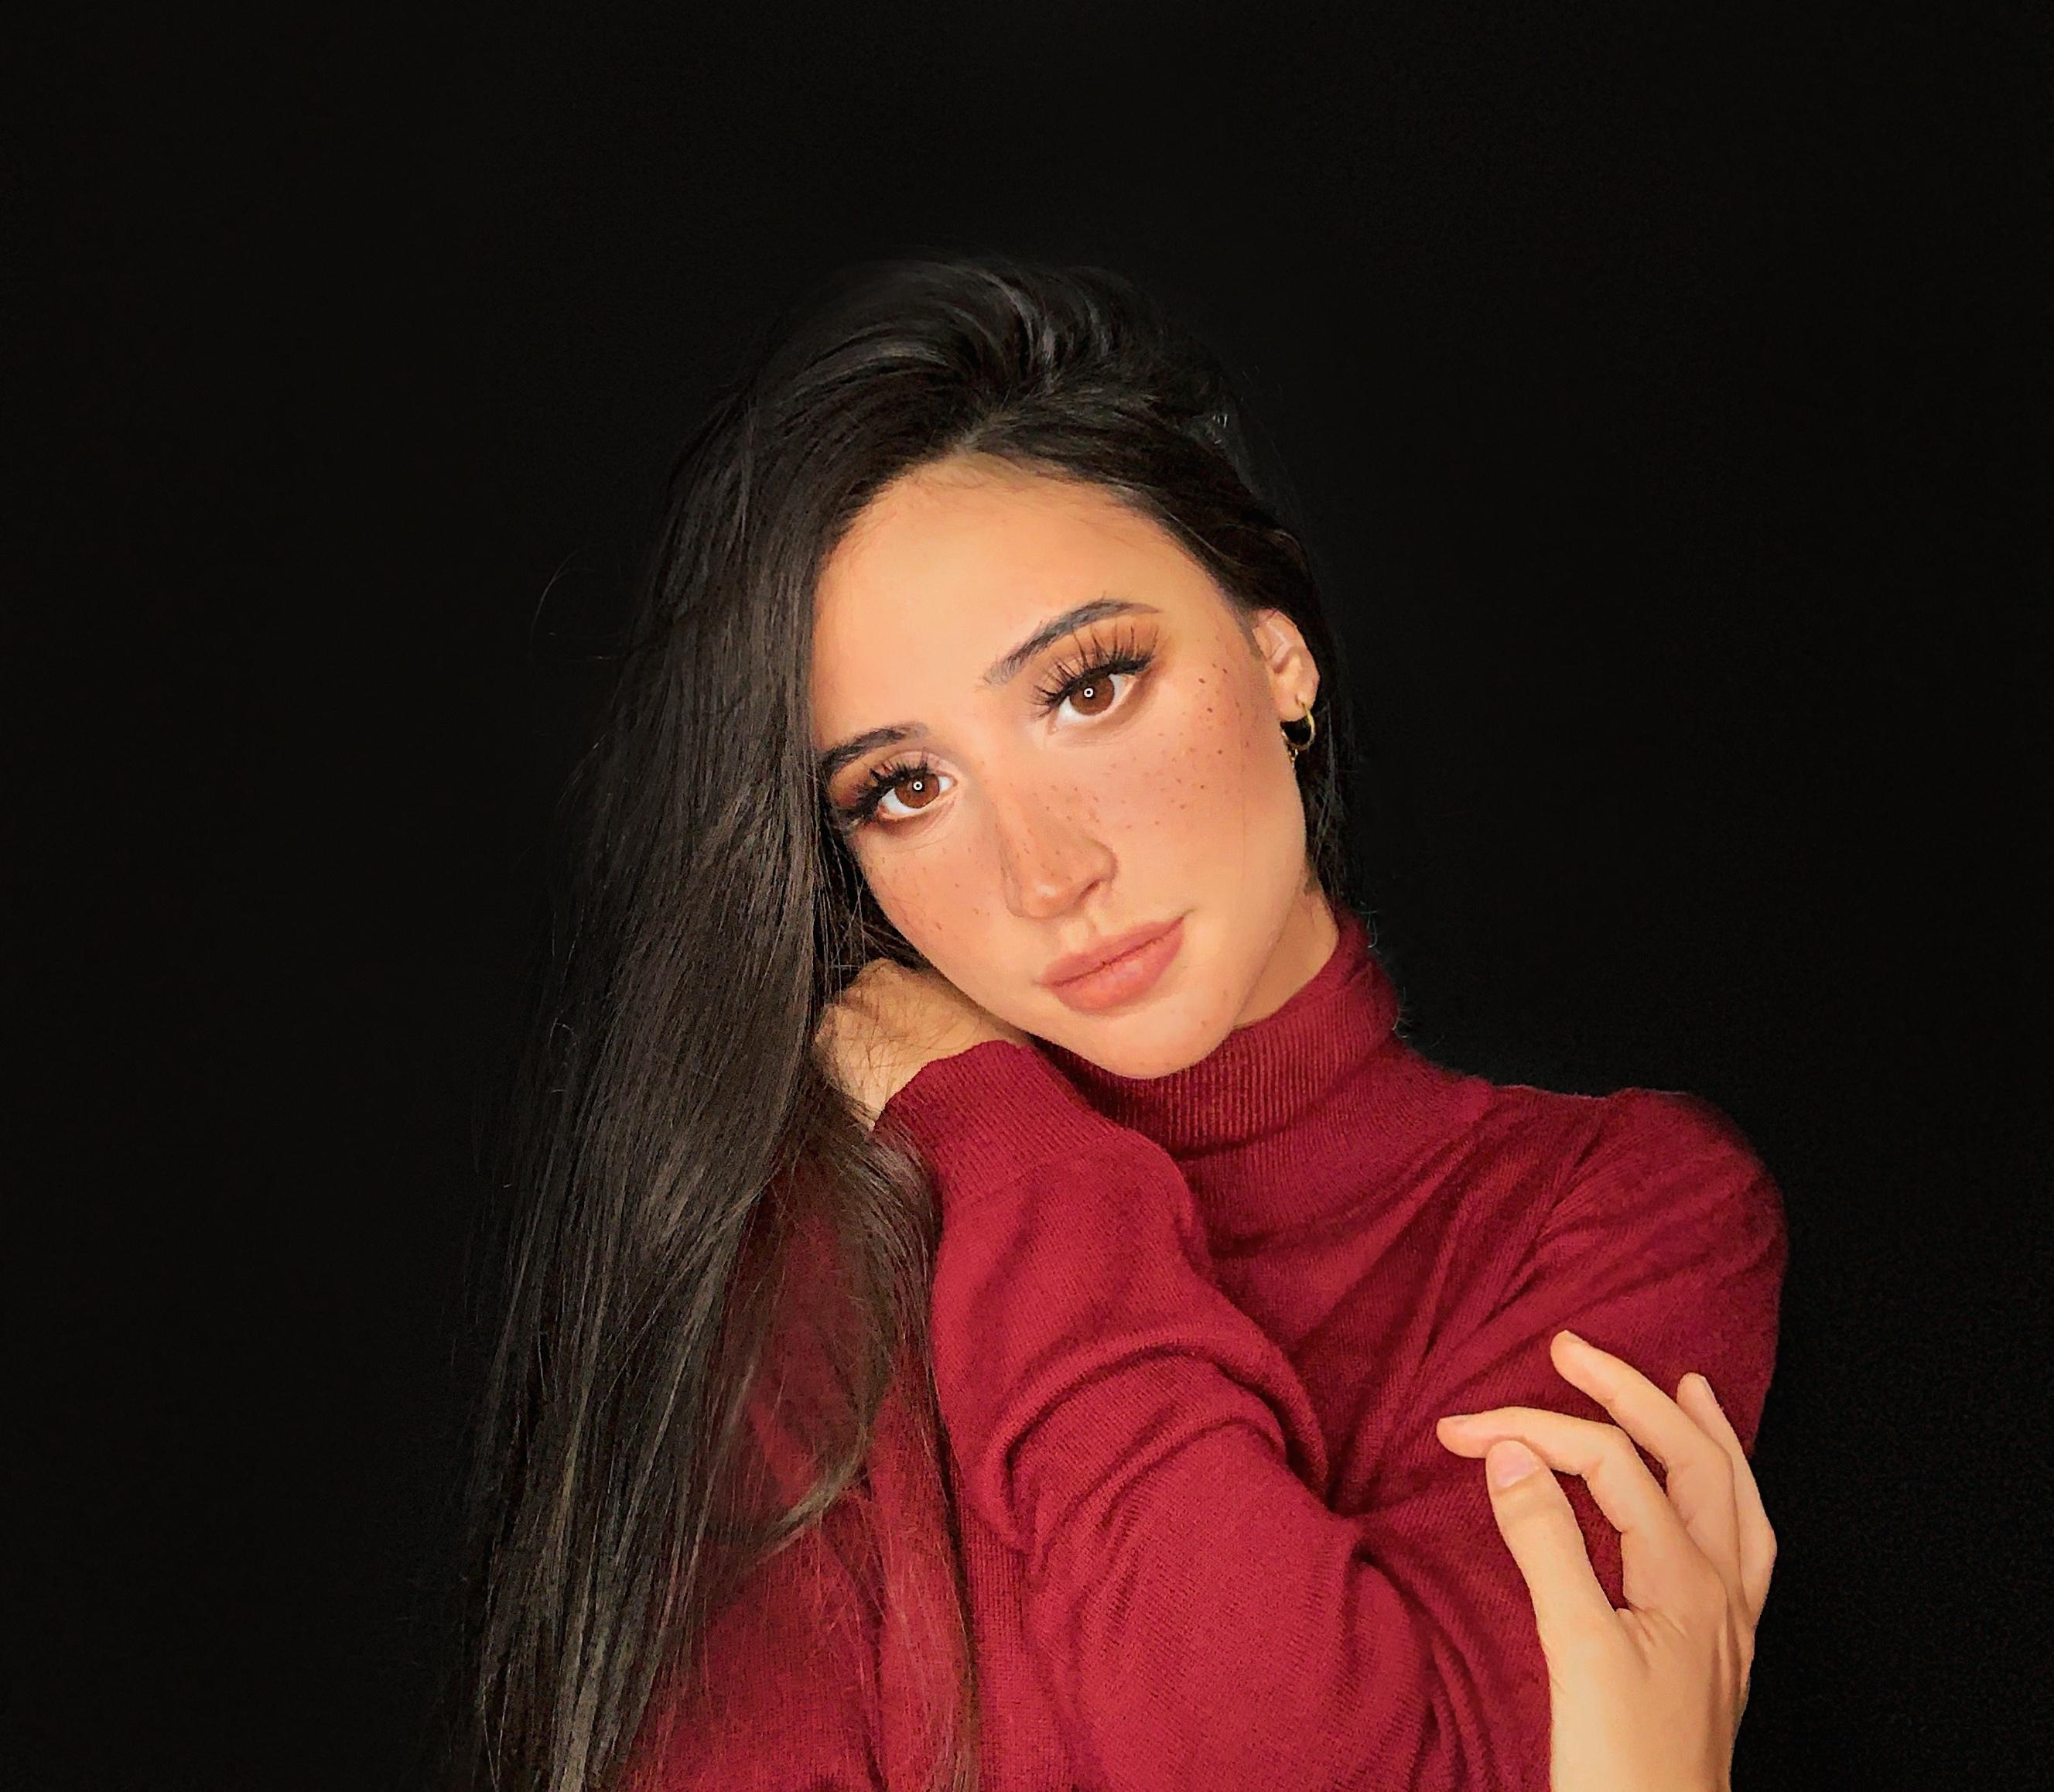 mariana-nolasco